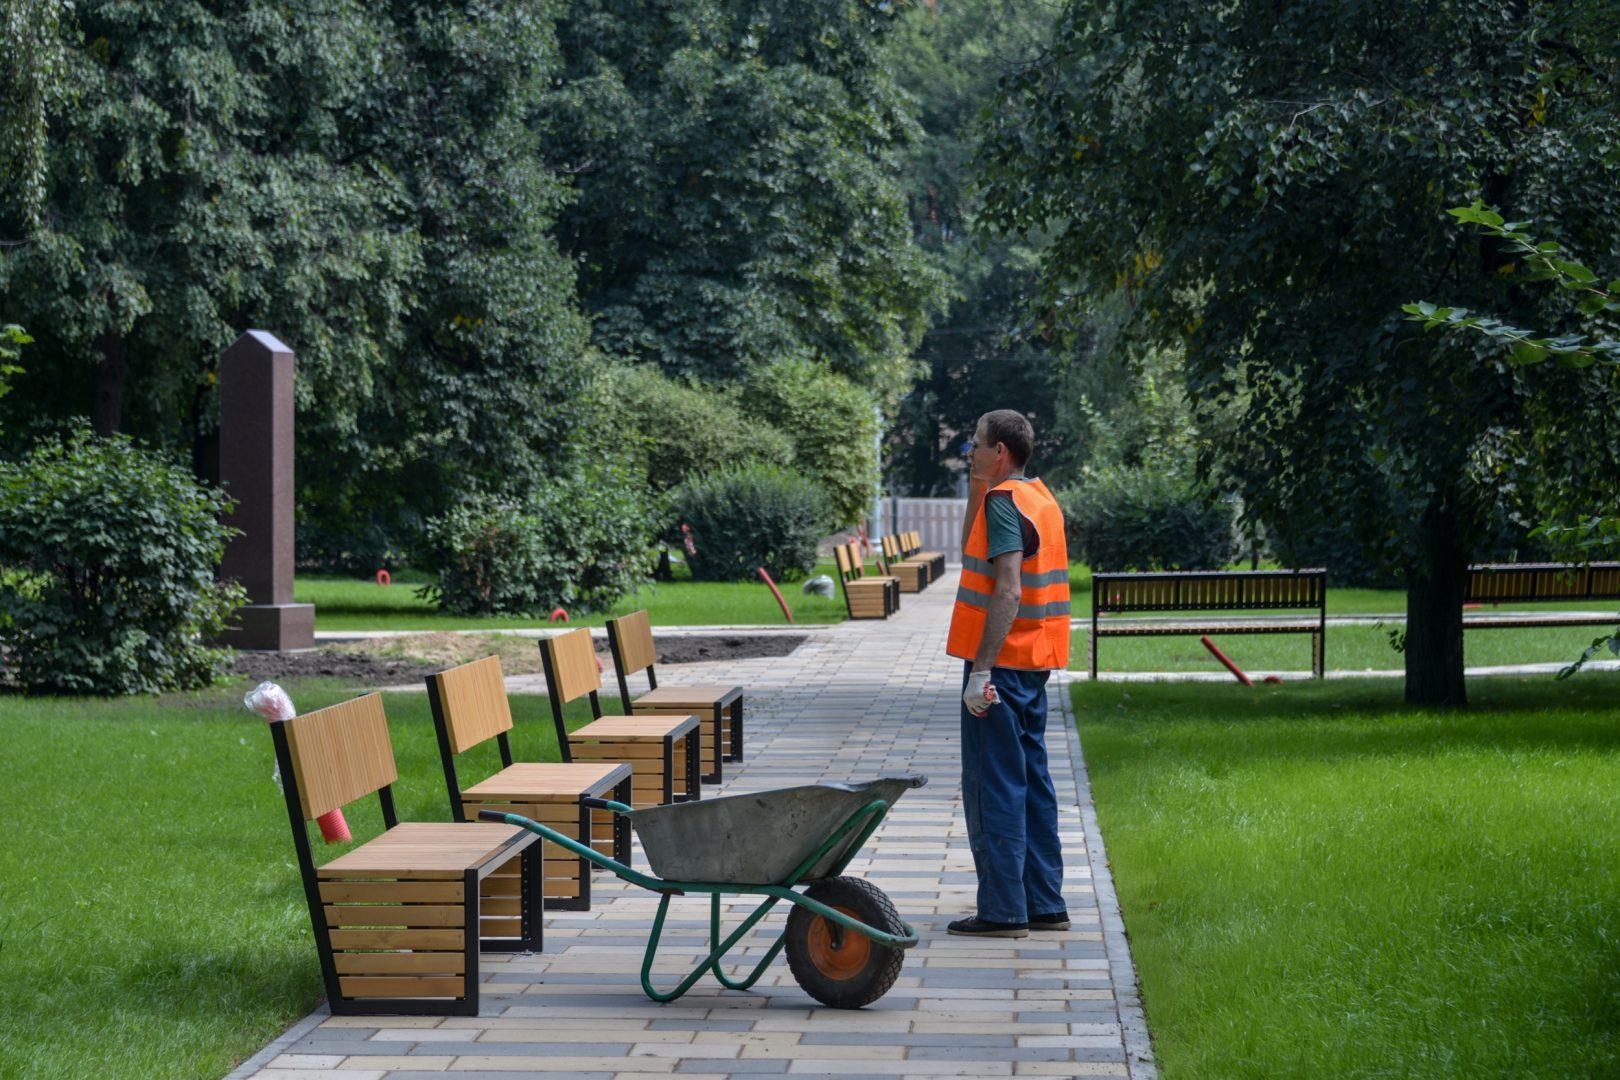 Благоустройство 15 парков провели в Новой Москве с 2012 года. Фото: архив, «Вечерняя Москва»